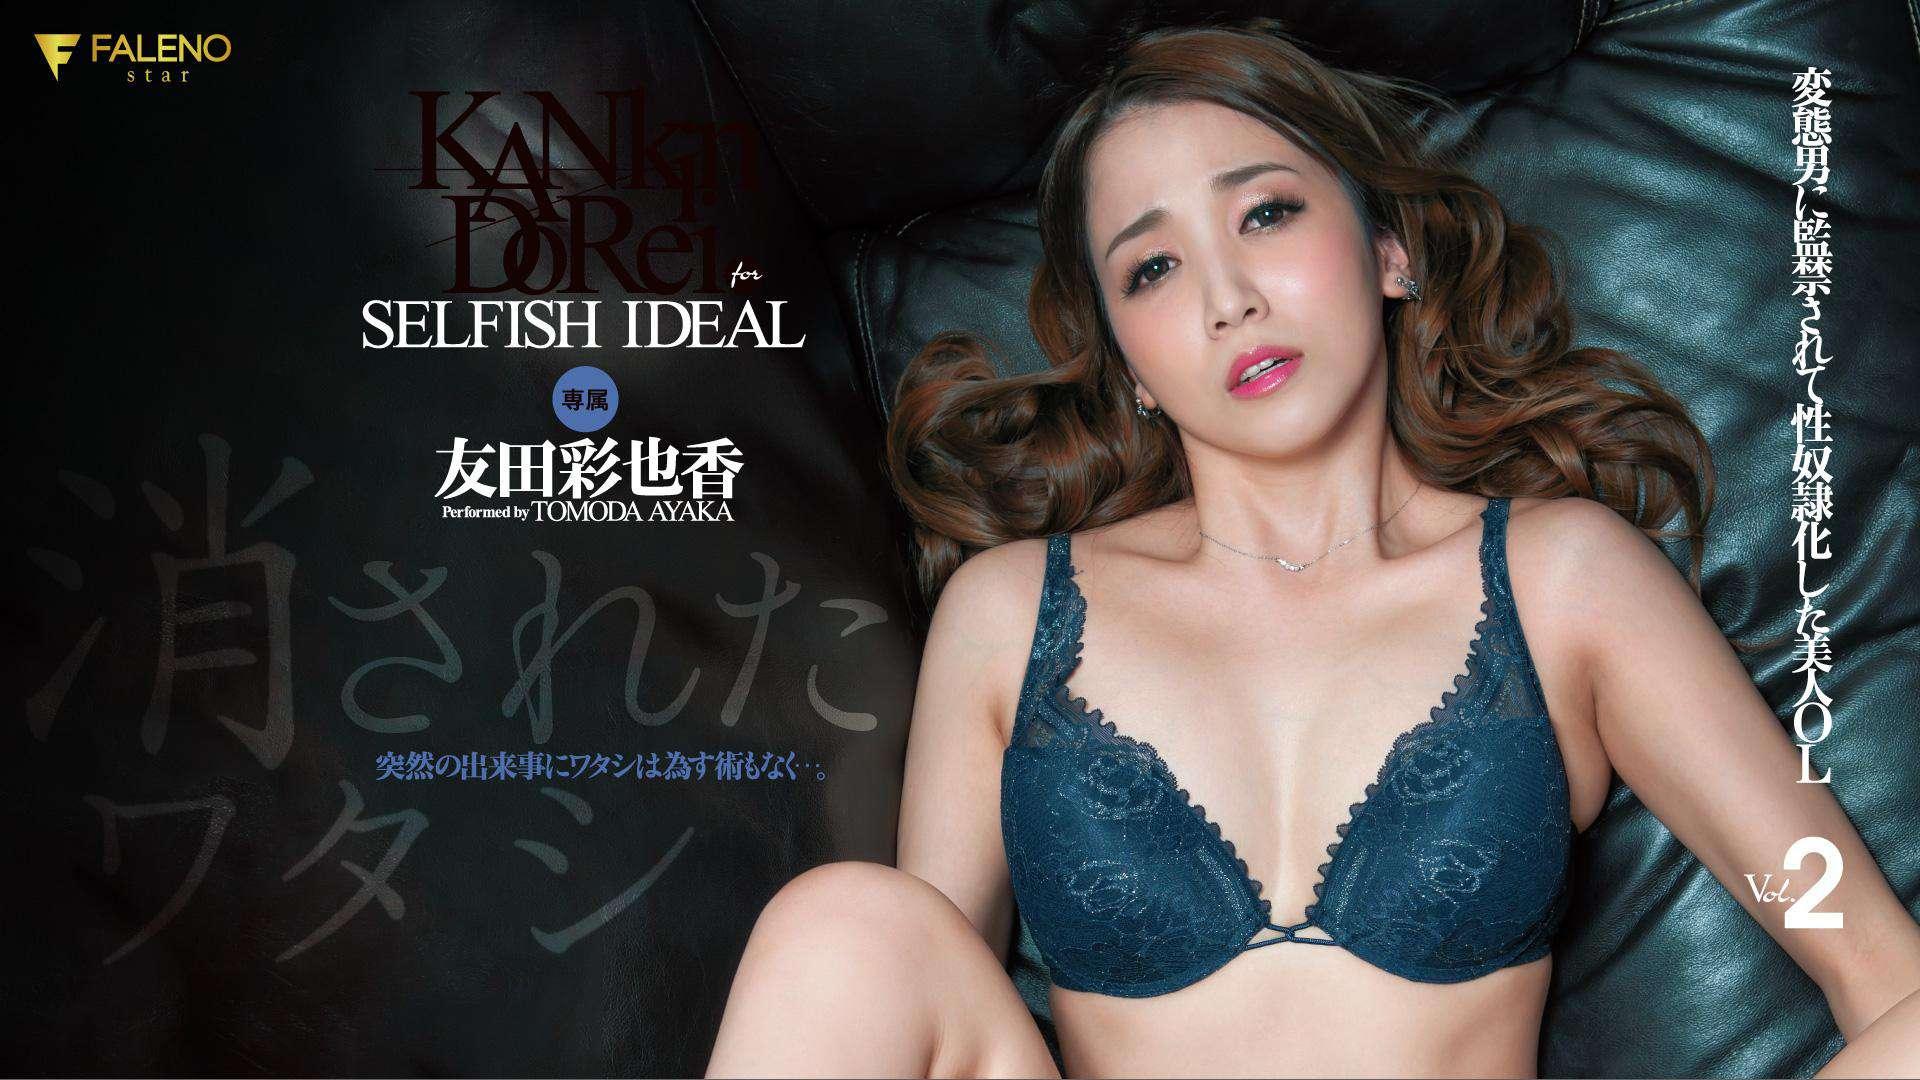 FLNS-237  友田彩也香每天都过得相当充实的OL